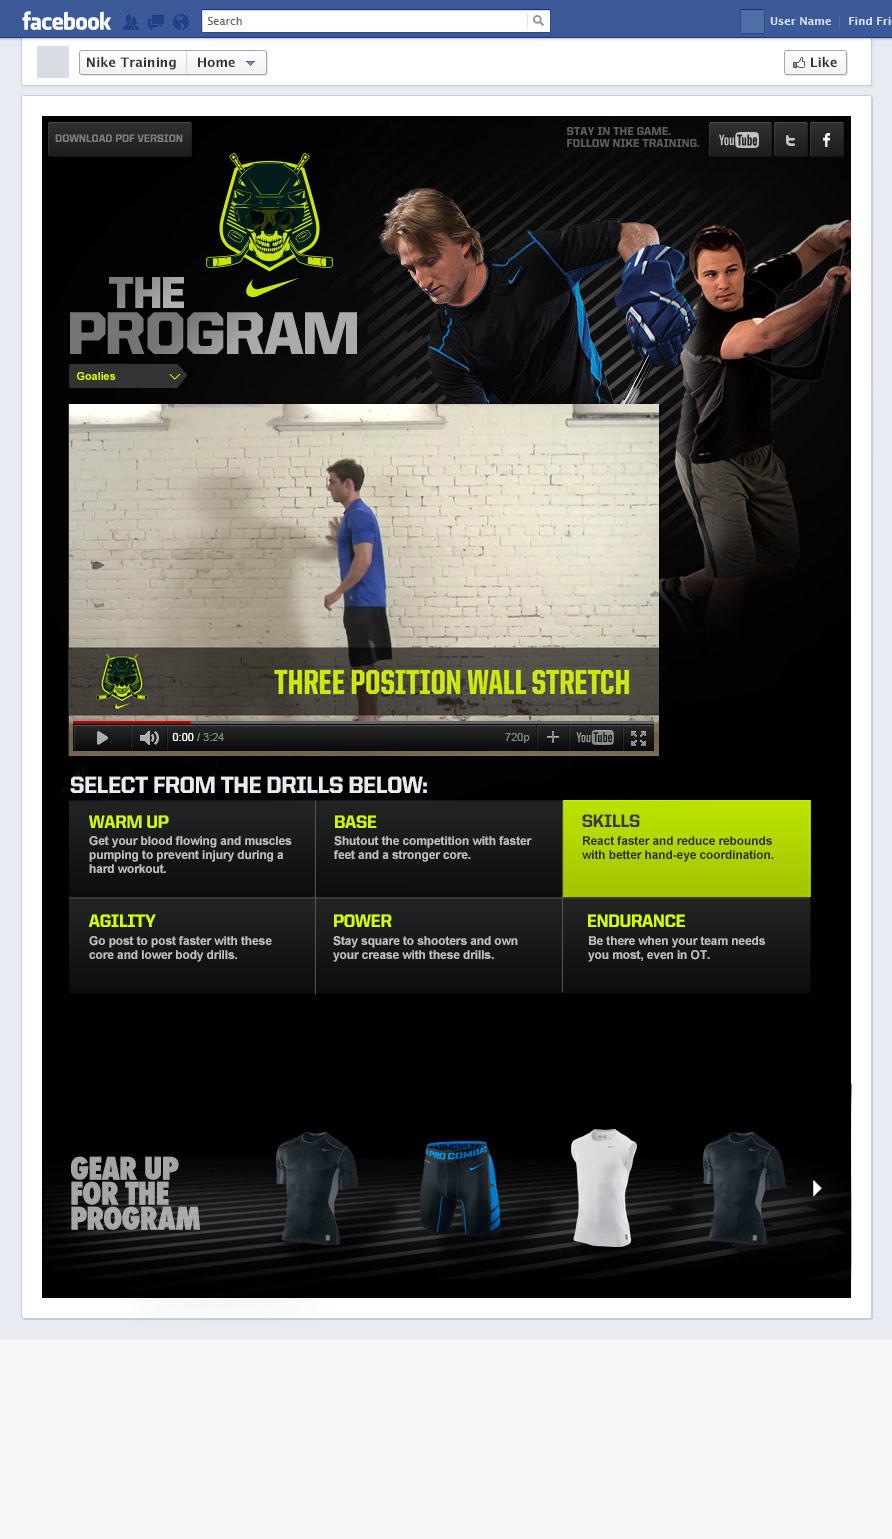 03-Nike-the-program.jpg